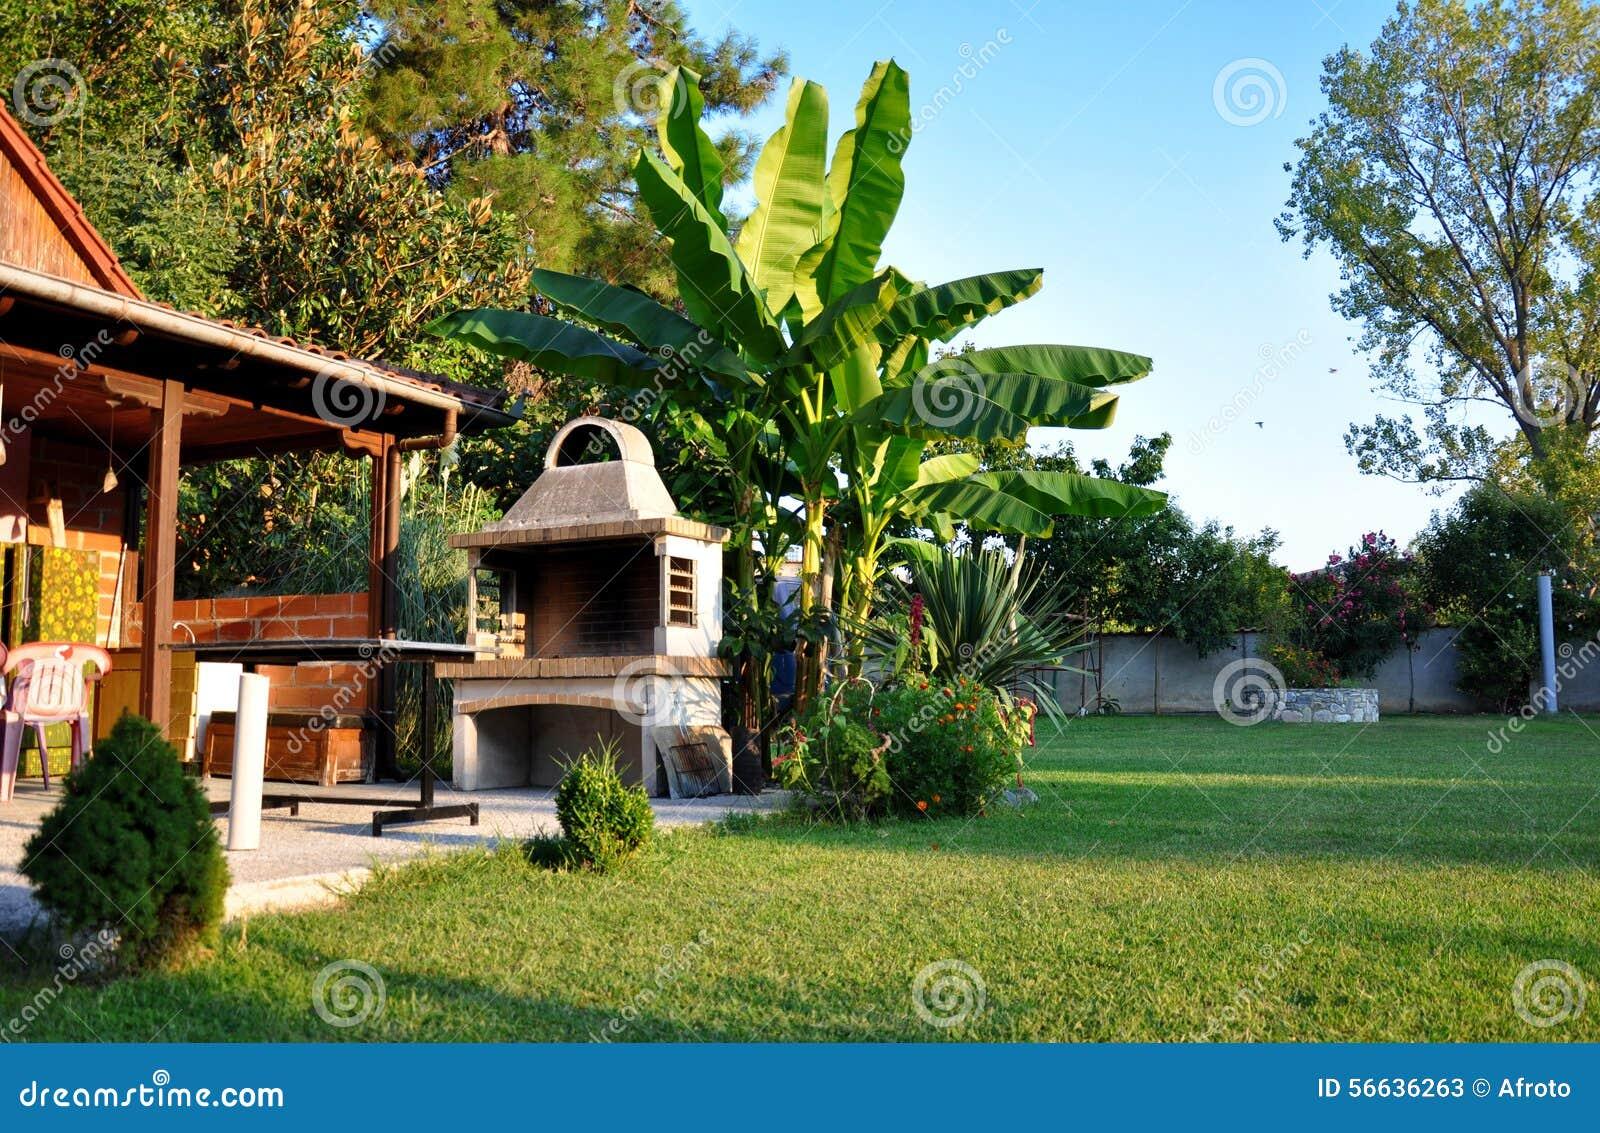 Sommerküchen Garten : Schöner garten mit grill stockbild bild von gras betriebe